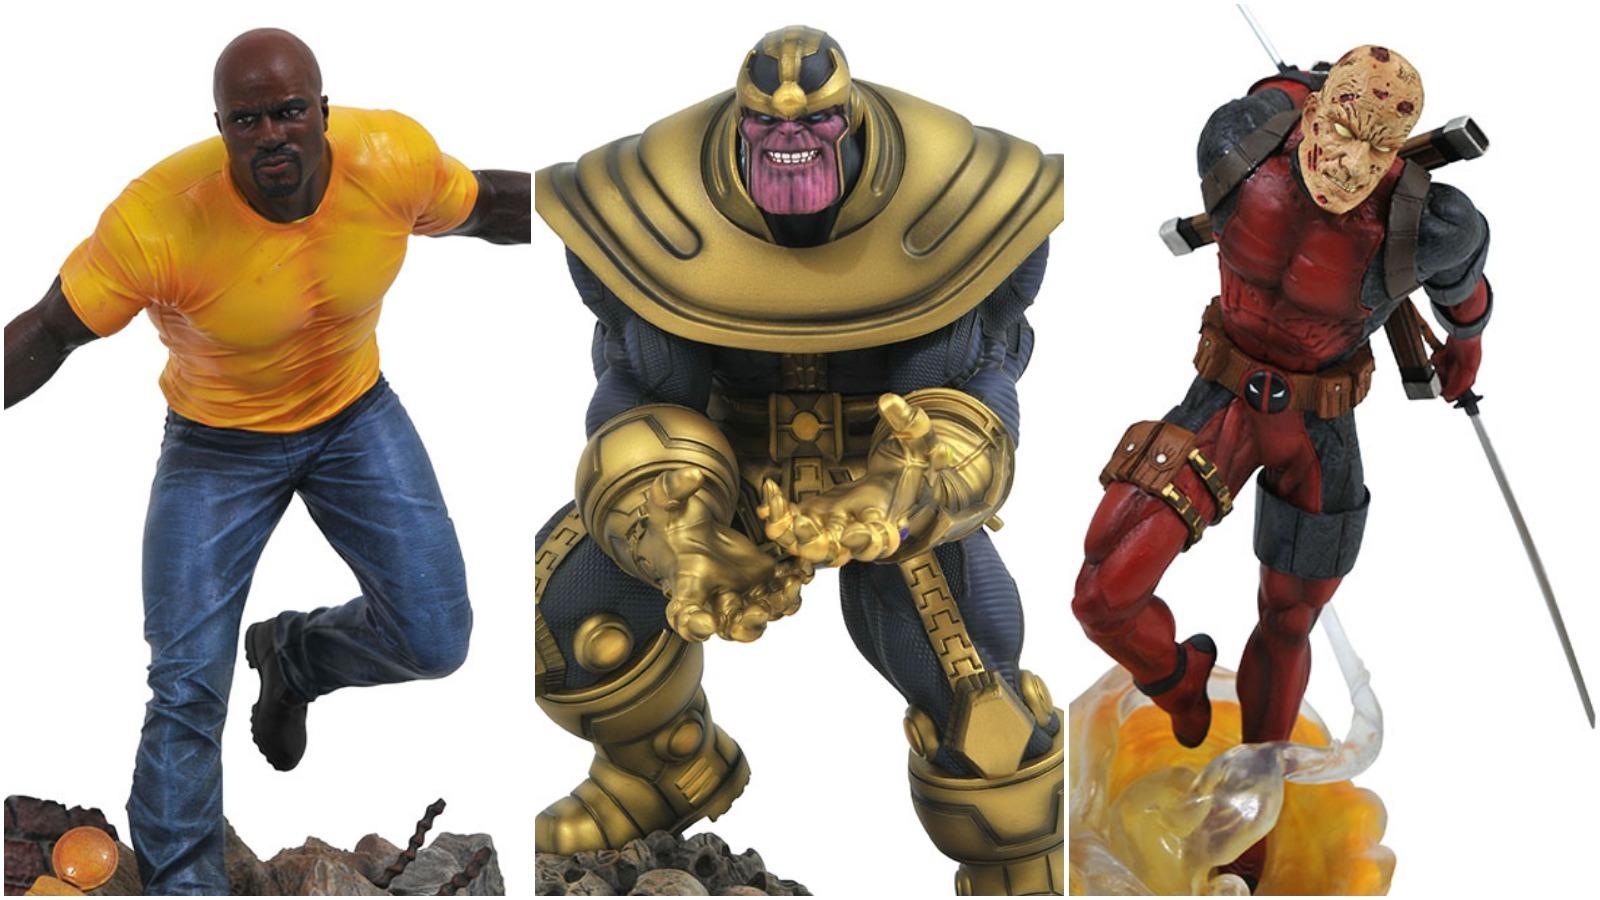 GameStop Reveals New Marvel Gallery Statue Exclusives